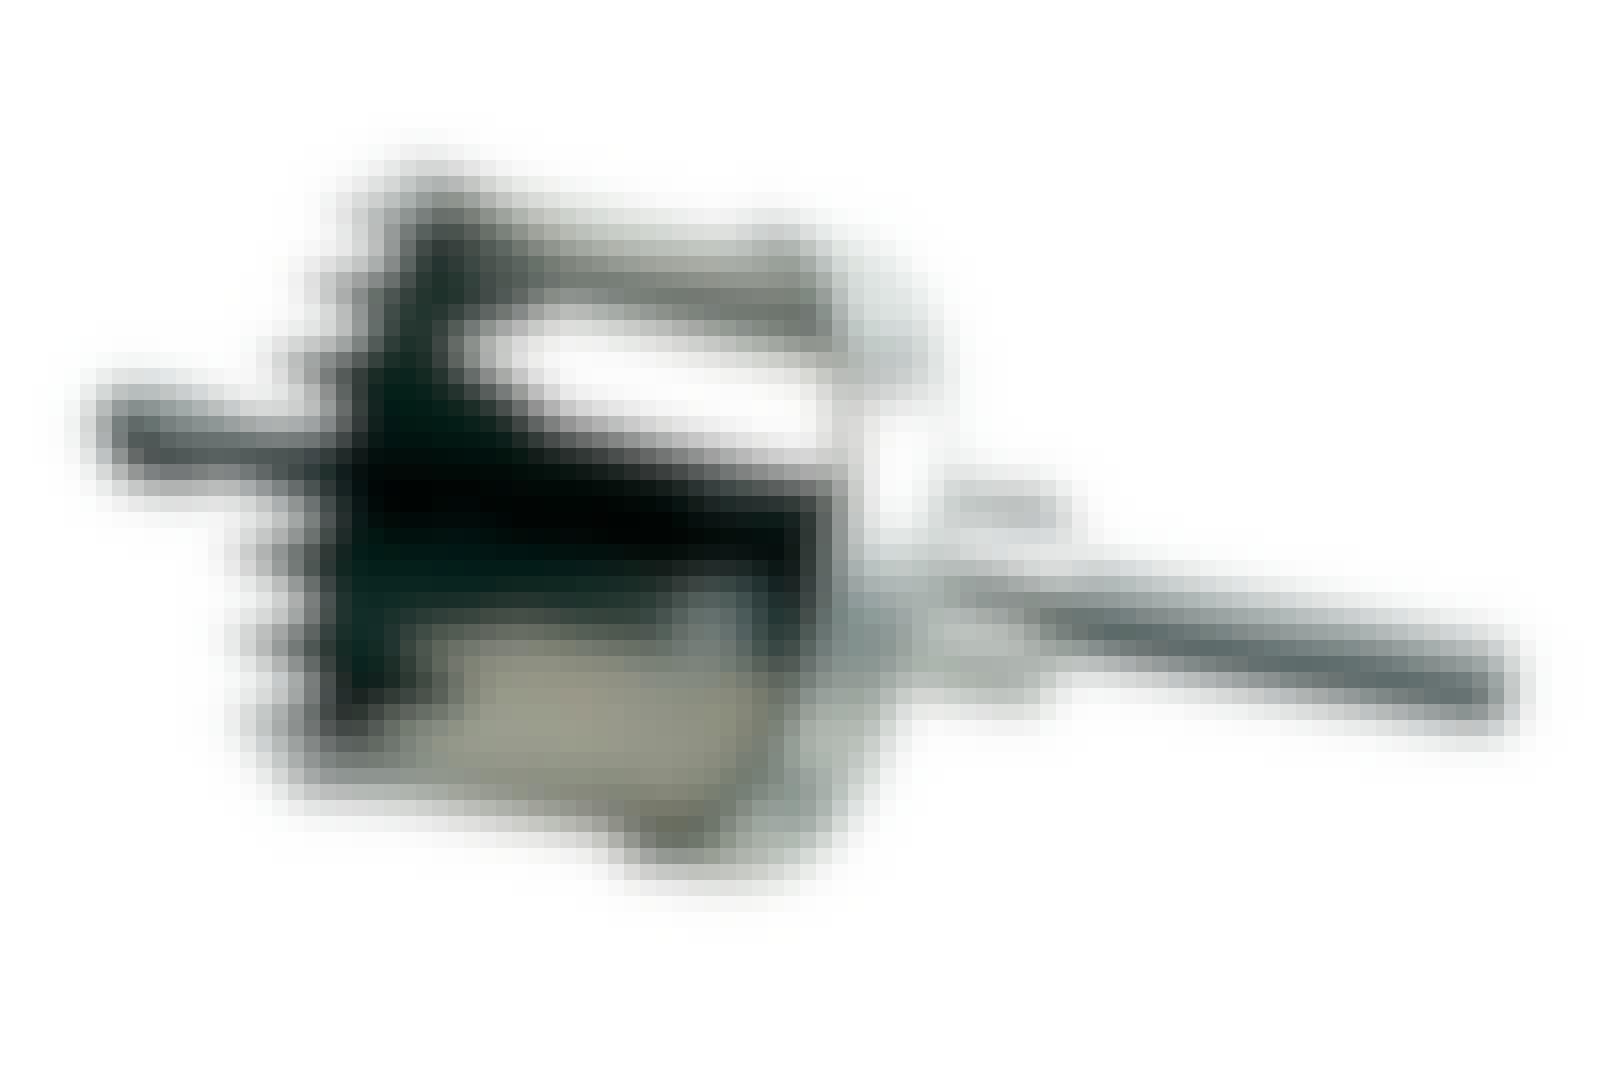 Hullsag: En hullsag med senterbor, som gjør det enklere å bore helt nøyaktig. Her er det en hullsag med en diameter på 76 mm.